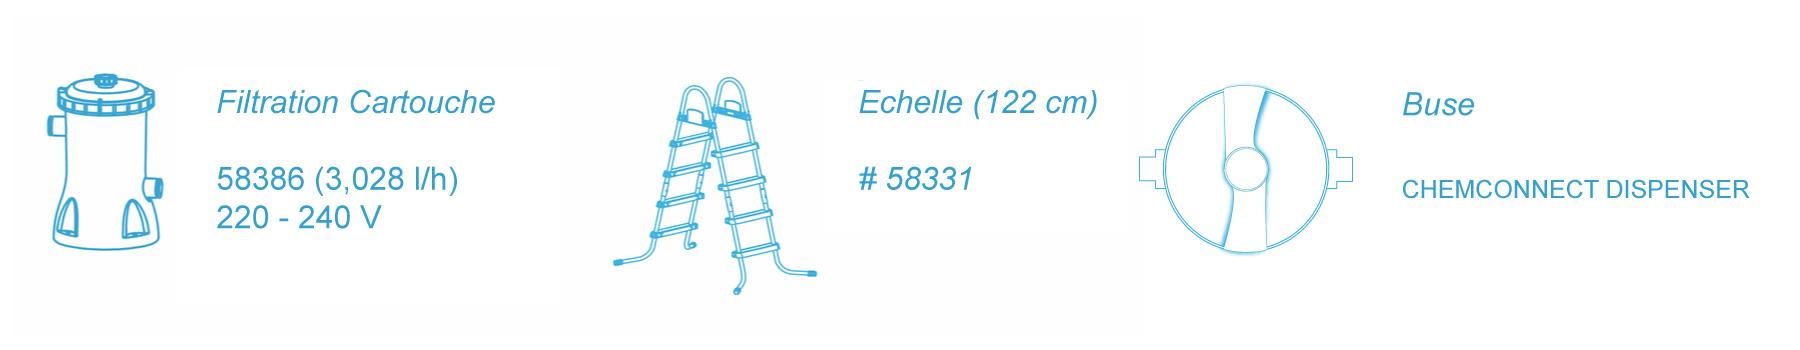 Description Echelle buse et filtre à cartouche